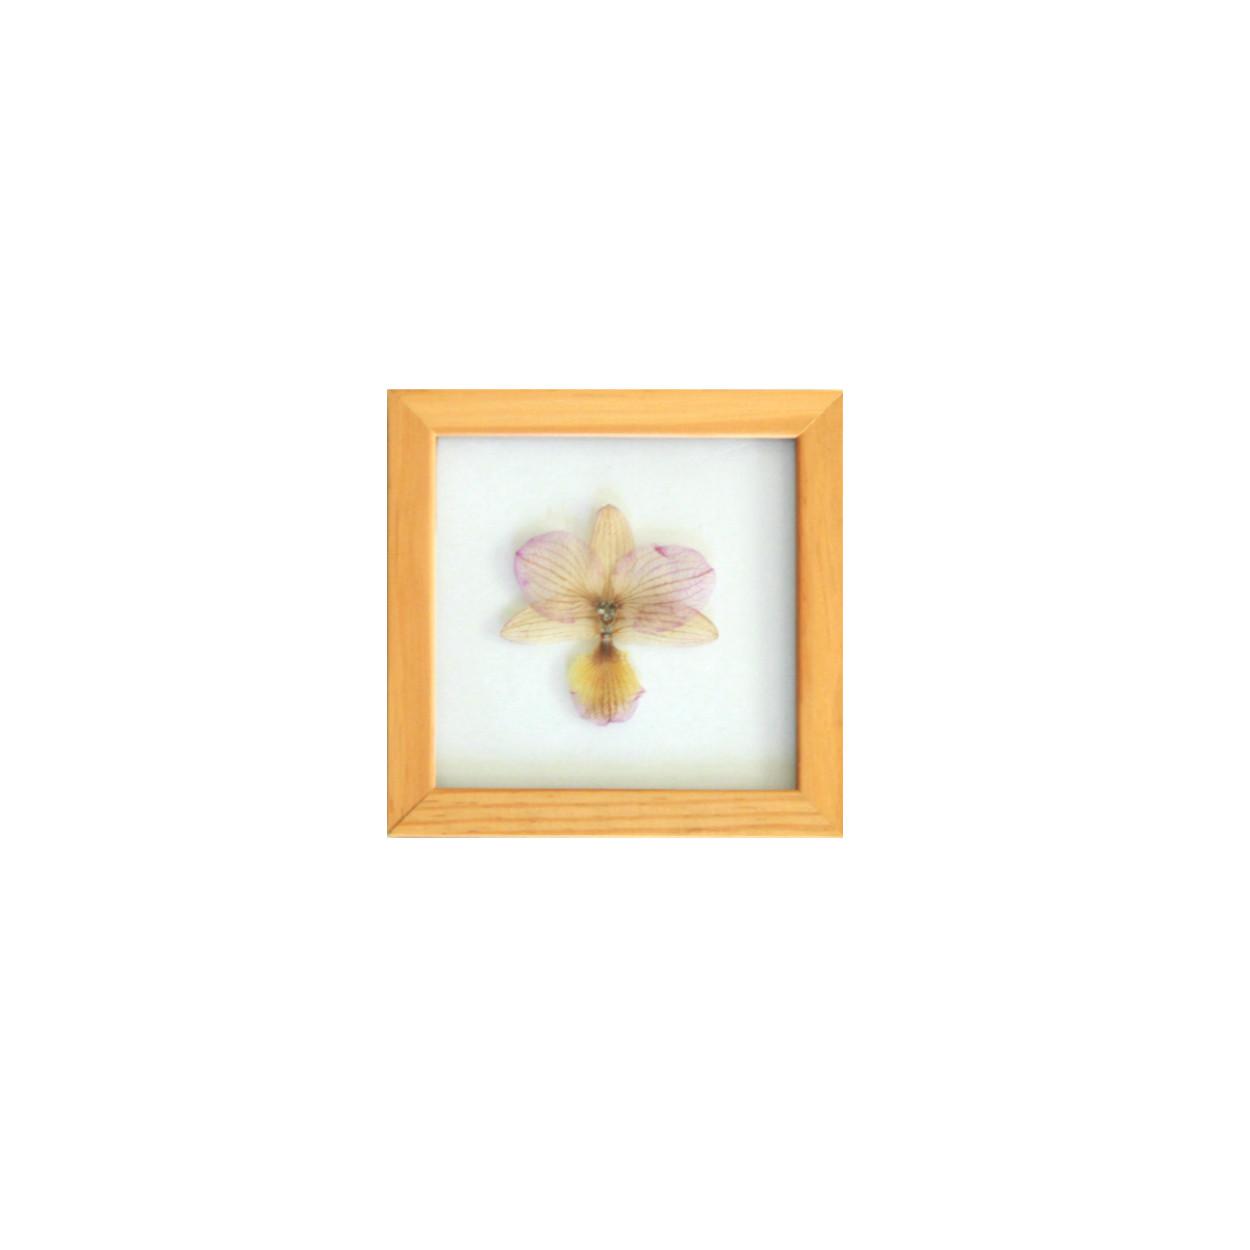 Quadro Orquídea 15x15cm - Pinus